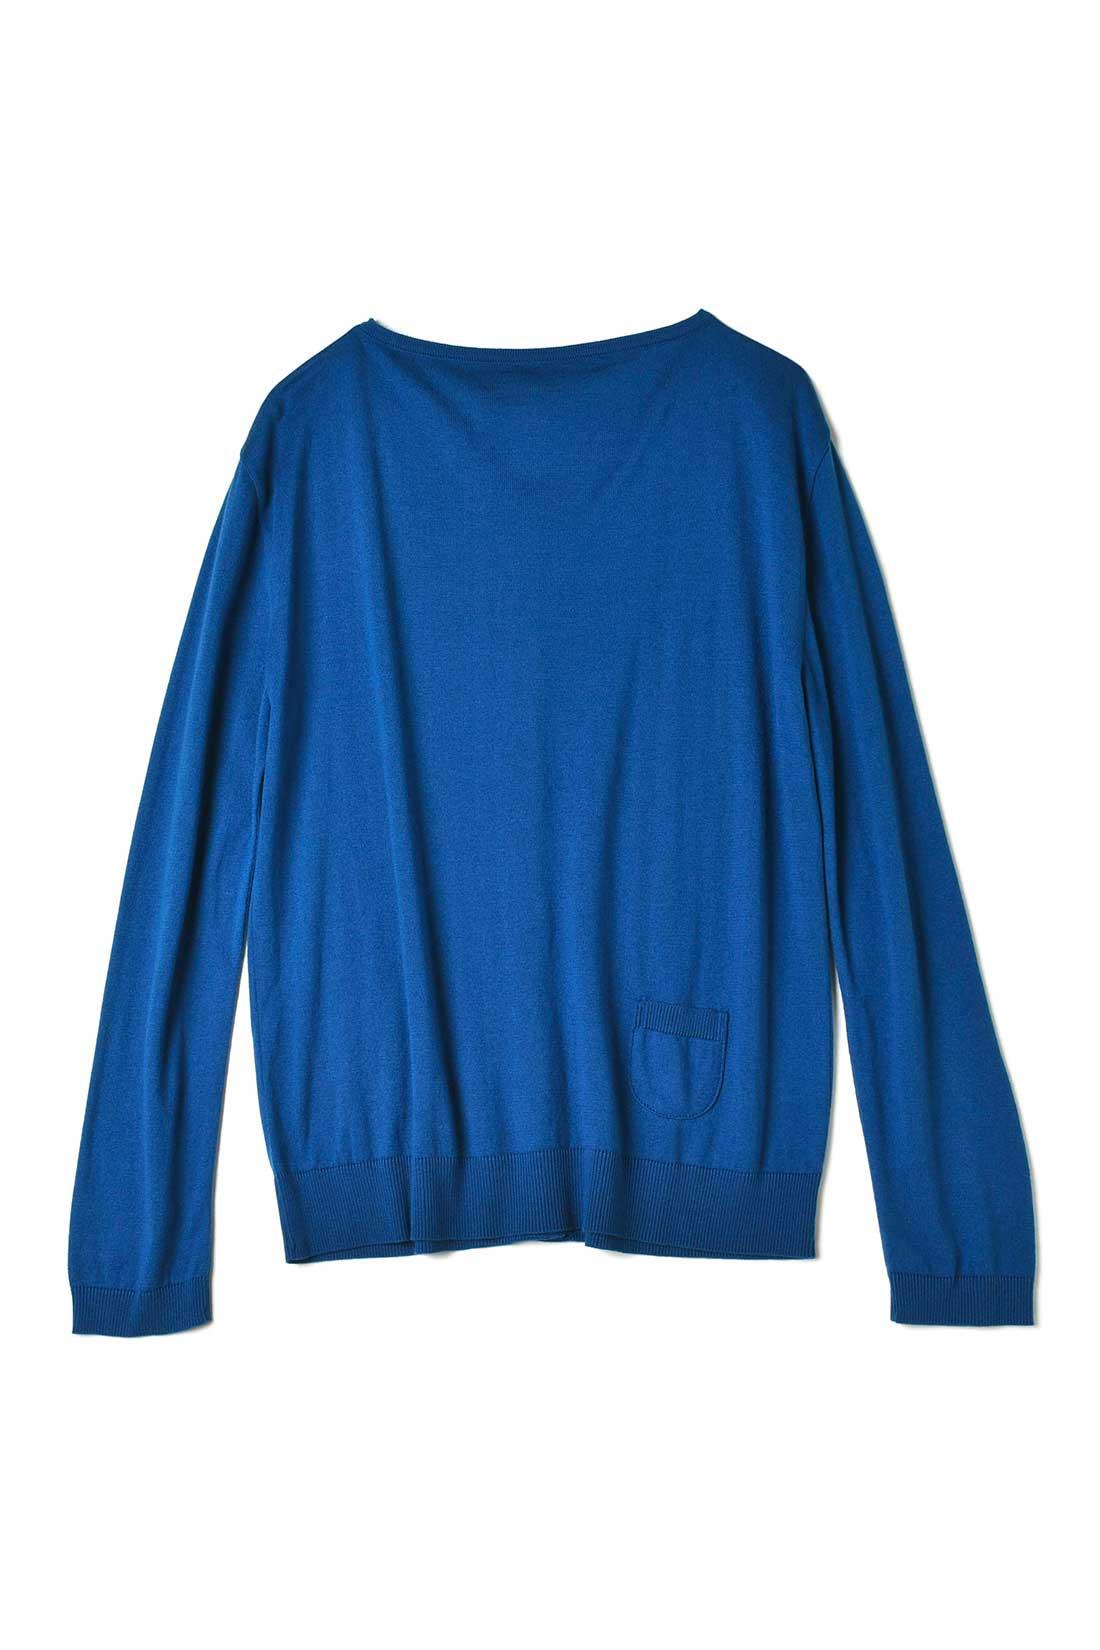 【ブルー】詰まり気味の首もとがかわいい。※注意:小さなポケットには、特に何も入りません。笑